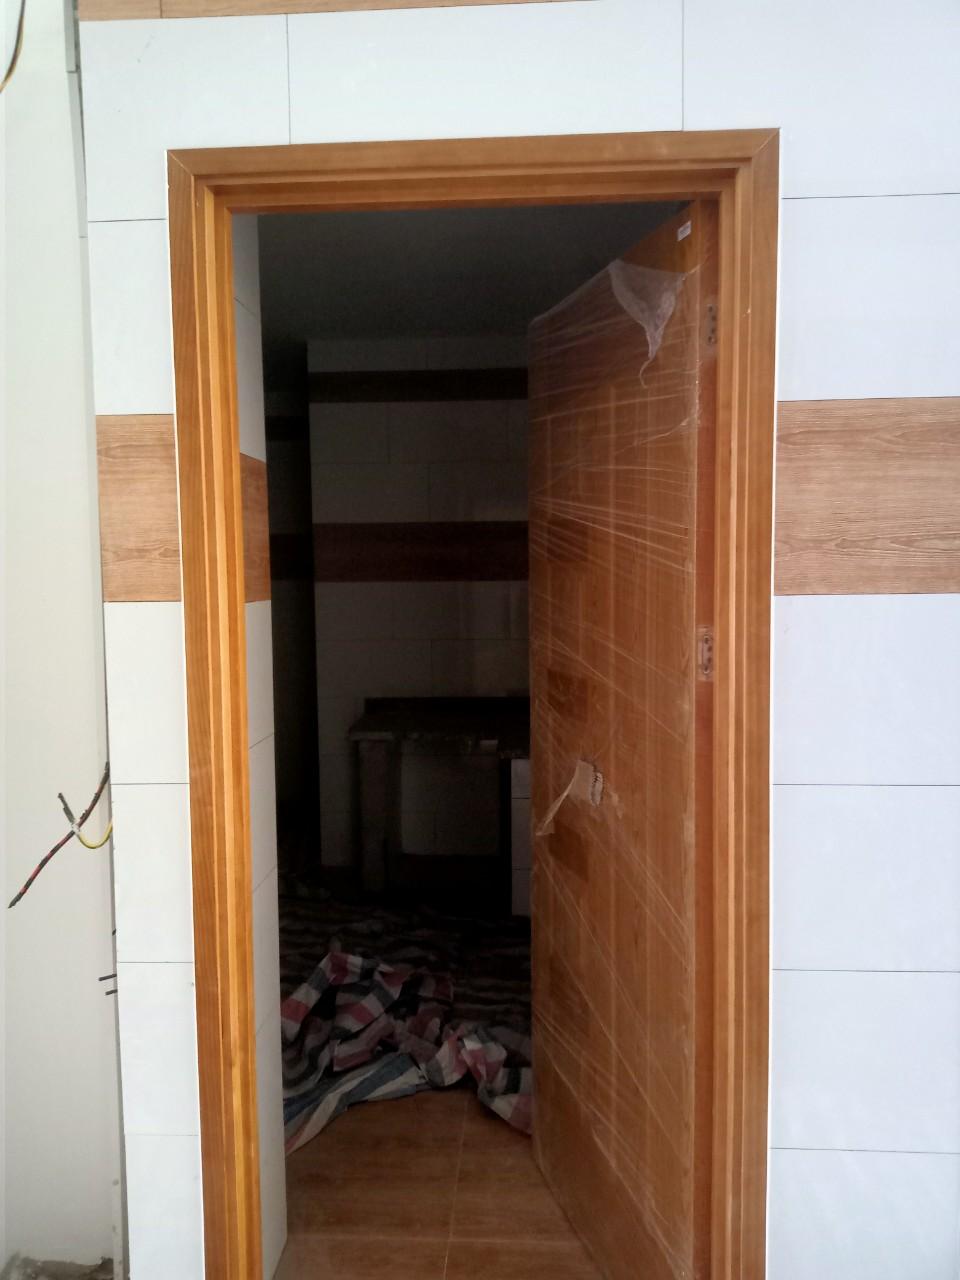 Mẫu cửa hdf veneer tại công trình